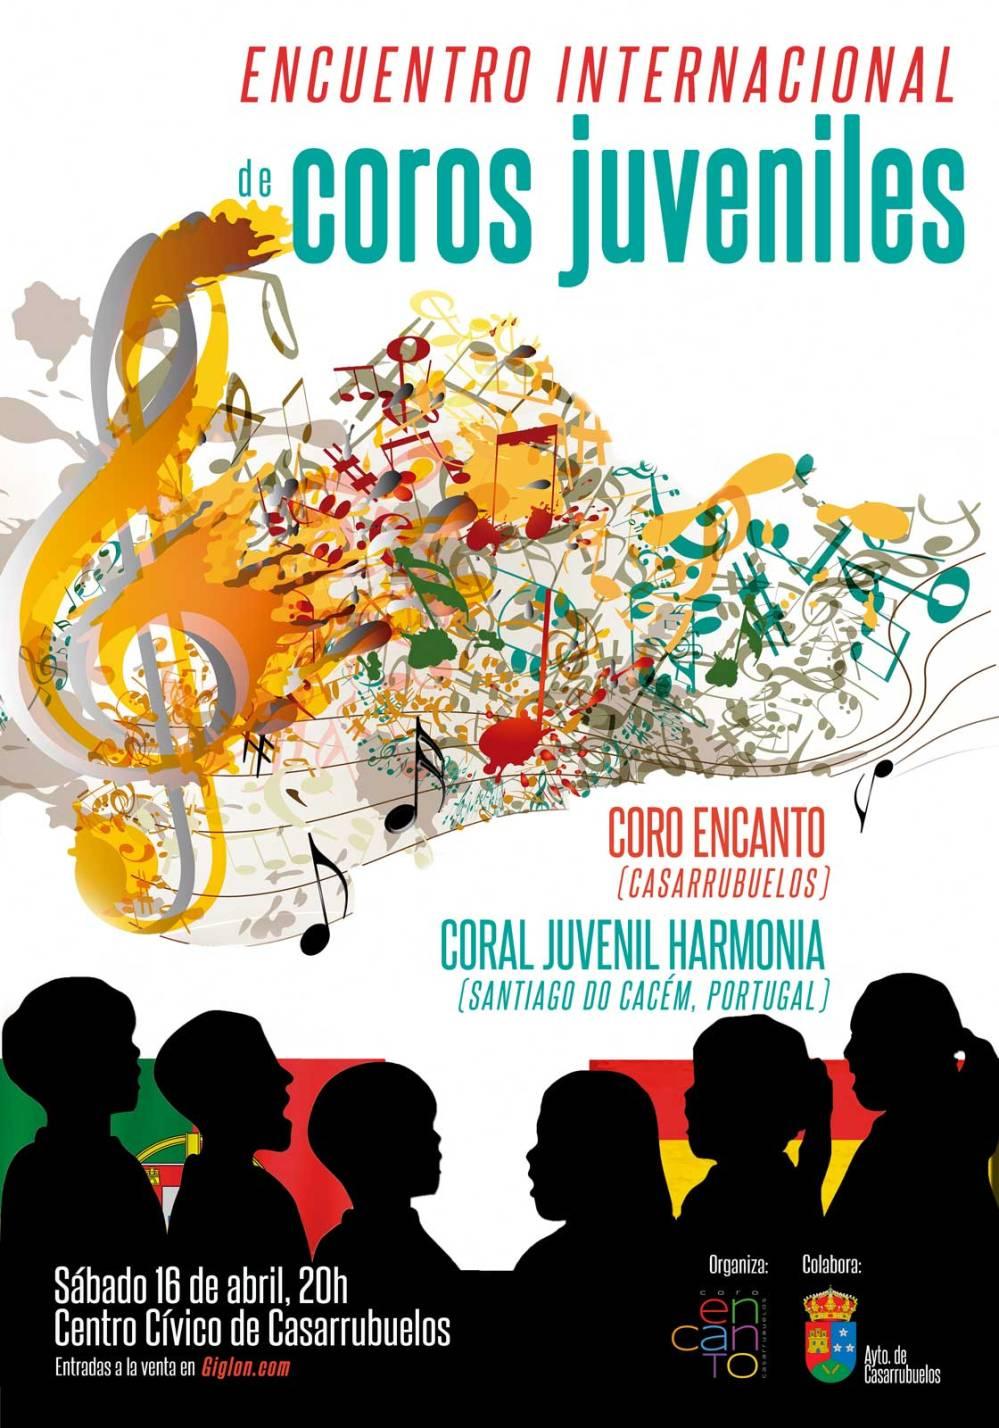 Cartel-Encuentro-Harmonia-Encanto-abril-2016_low